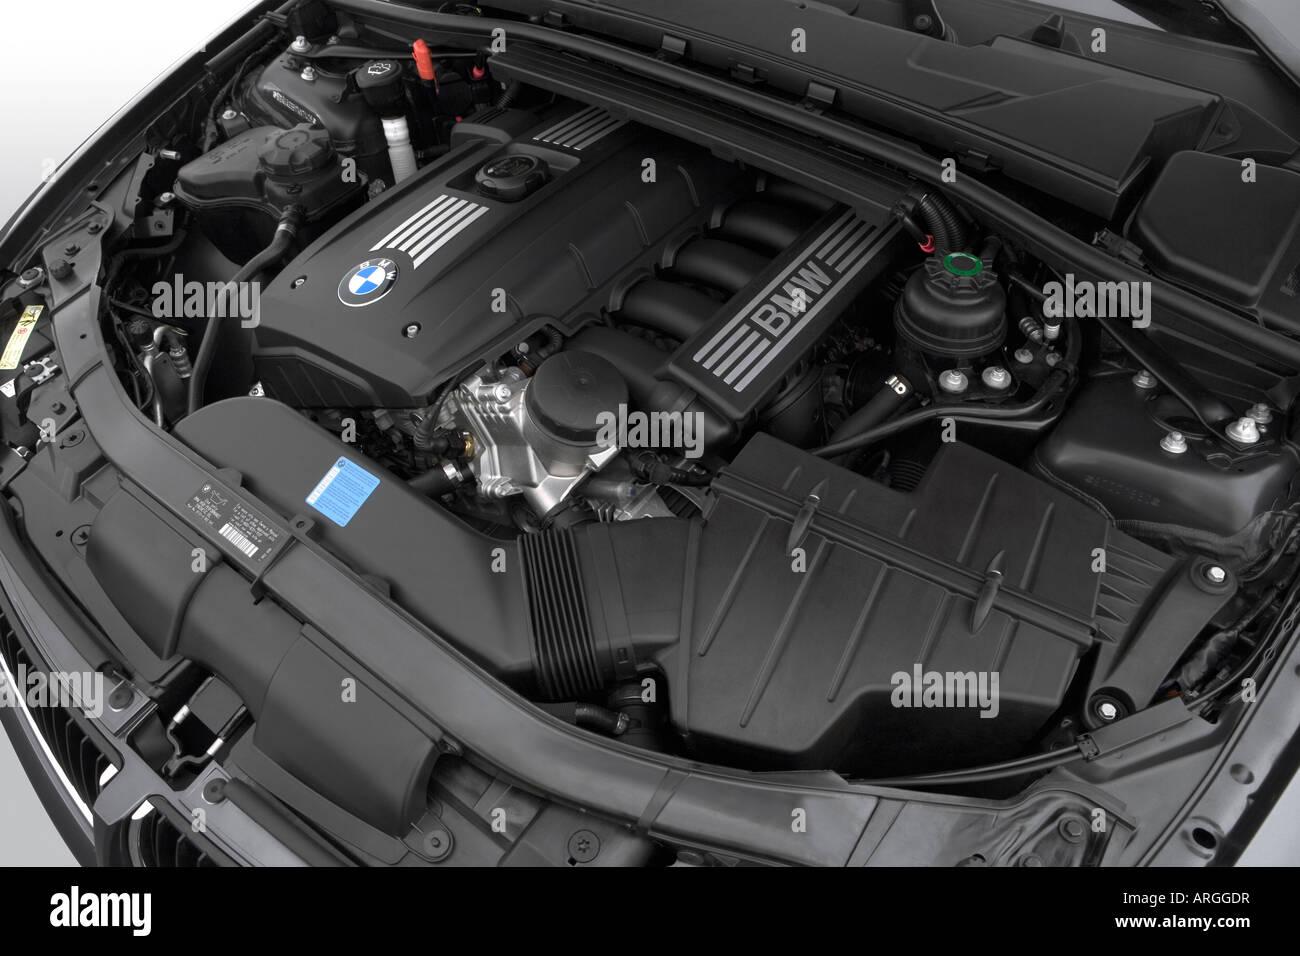 2007 Bmw 3er Reihe 328i In Grau Motor Stockfotografie Alamy